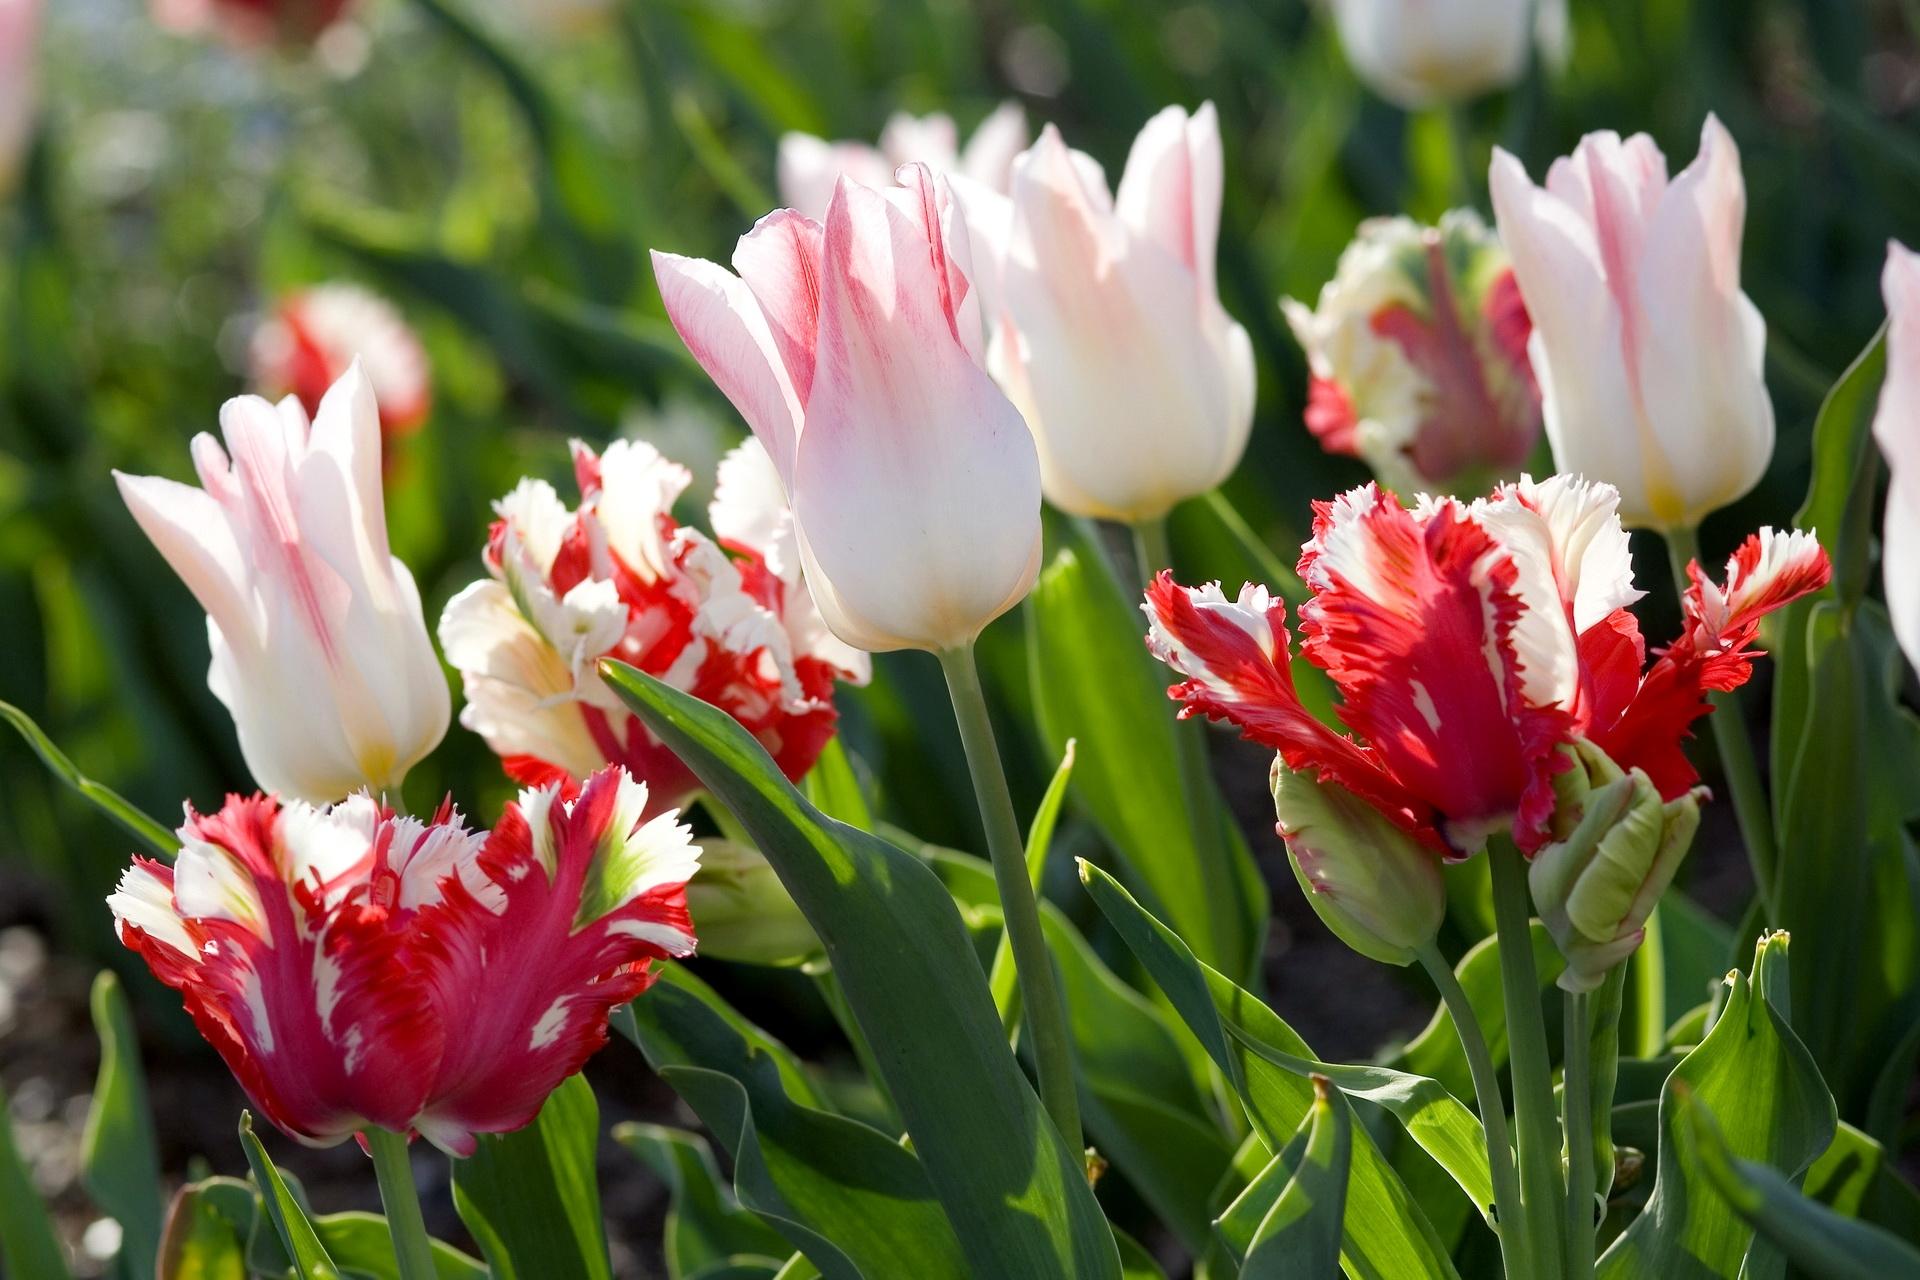 картинки тюльпаны фотографии каждый